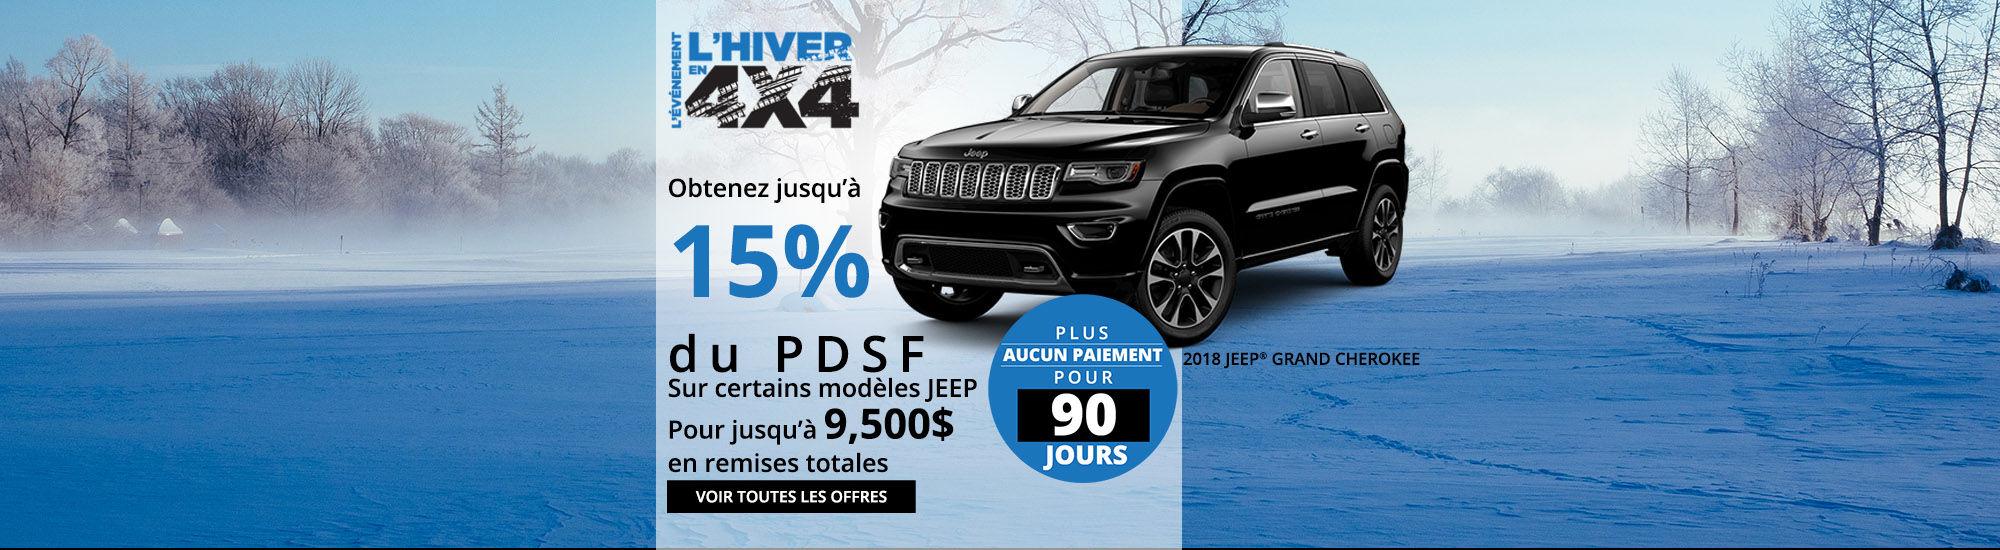 Offres spéciales Jeep